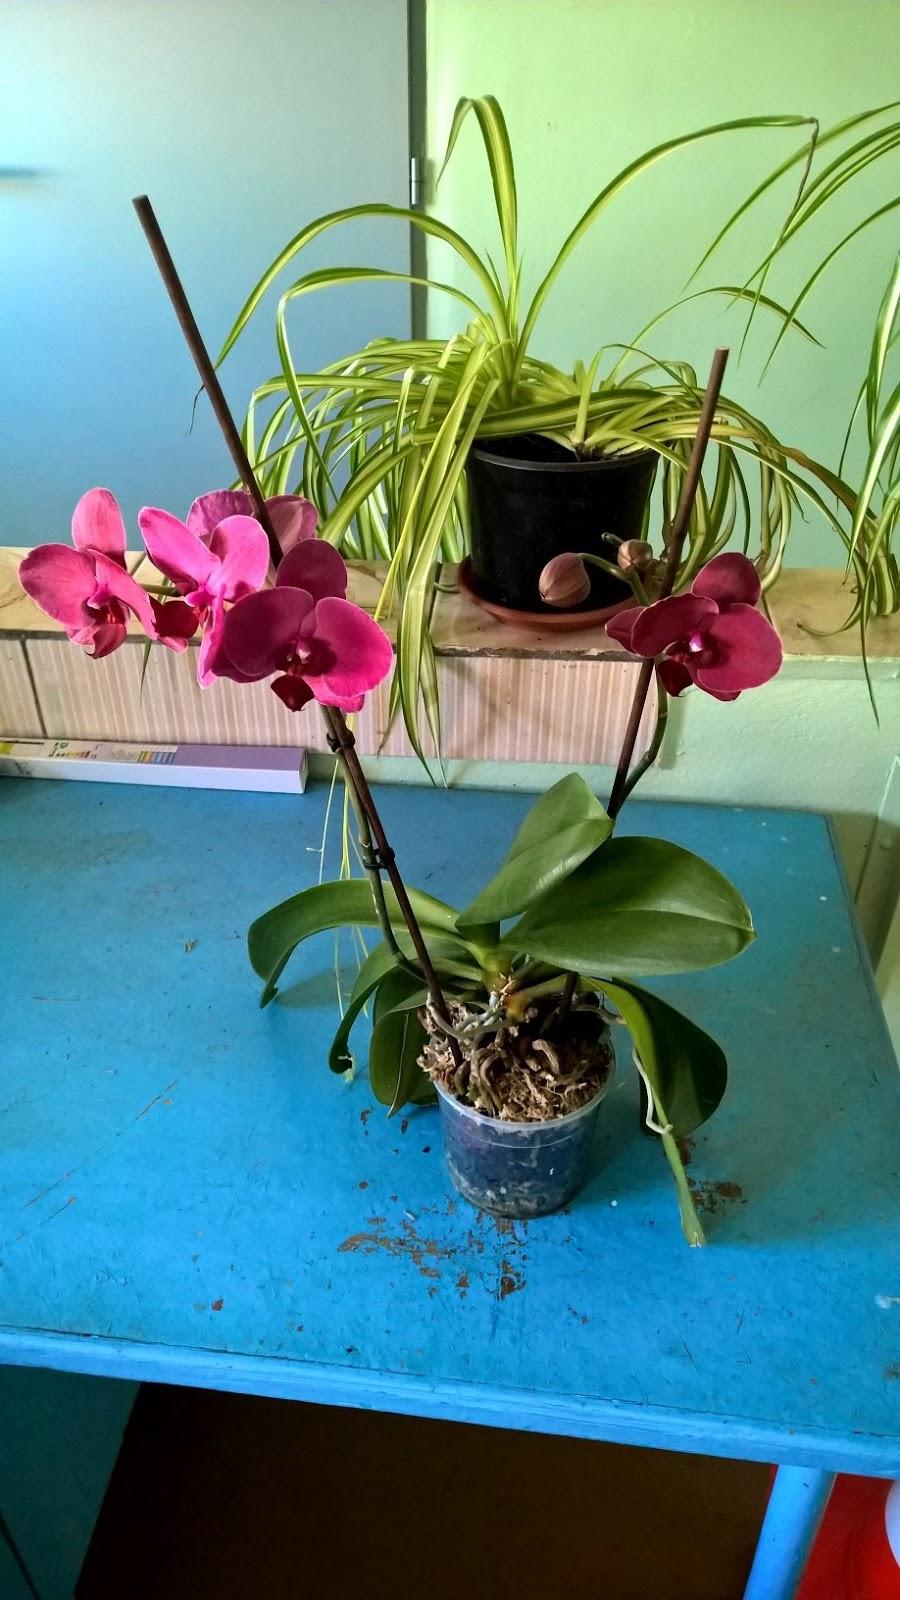 Les mains l 39 entretien des orchid es - Orchidee entretien apres floraison ...